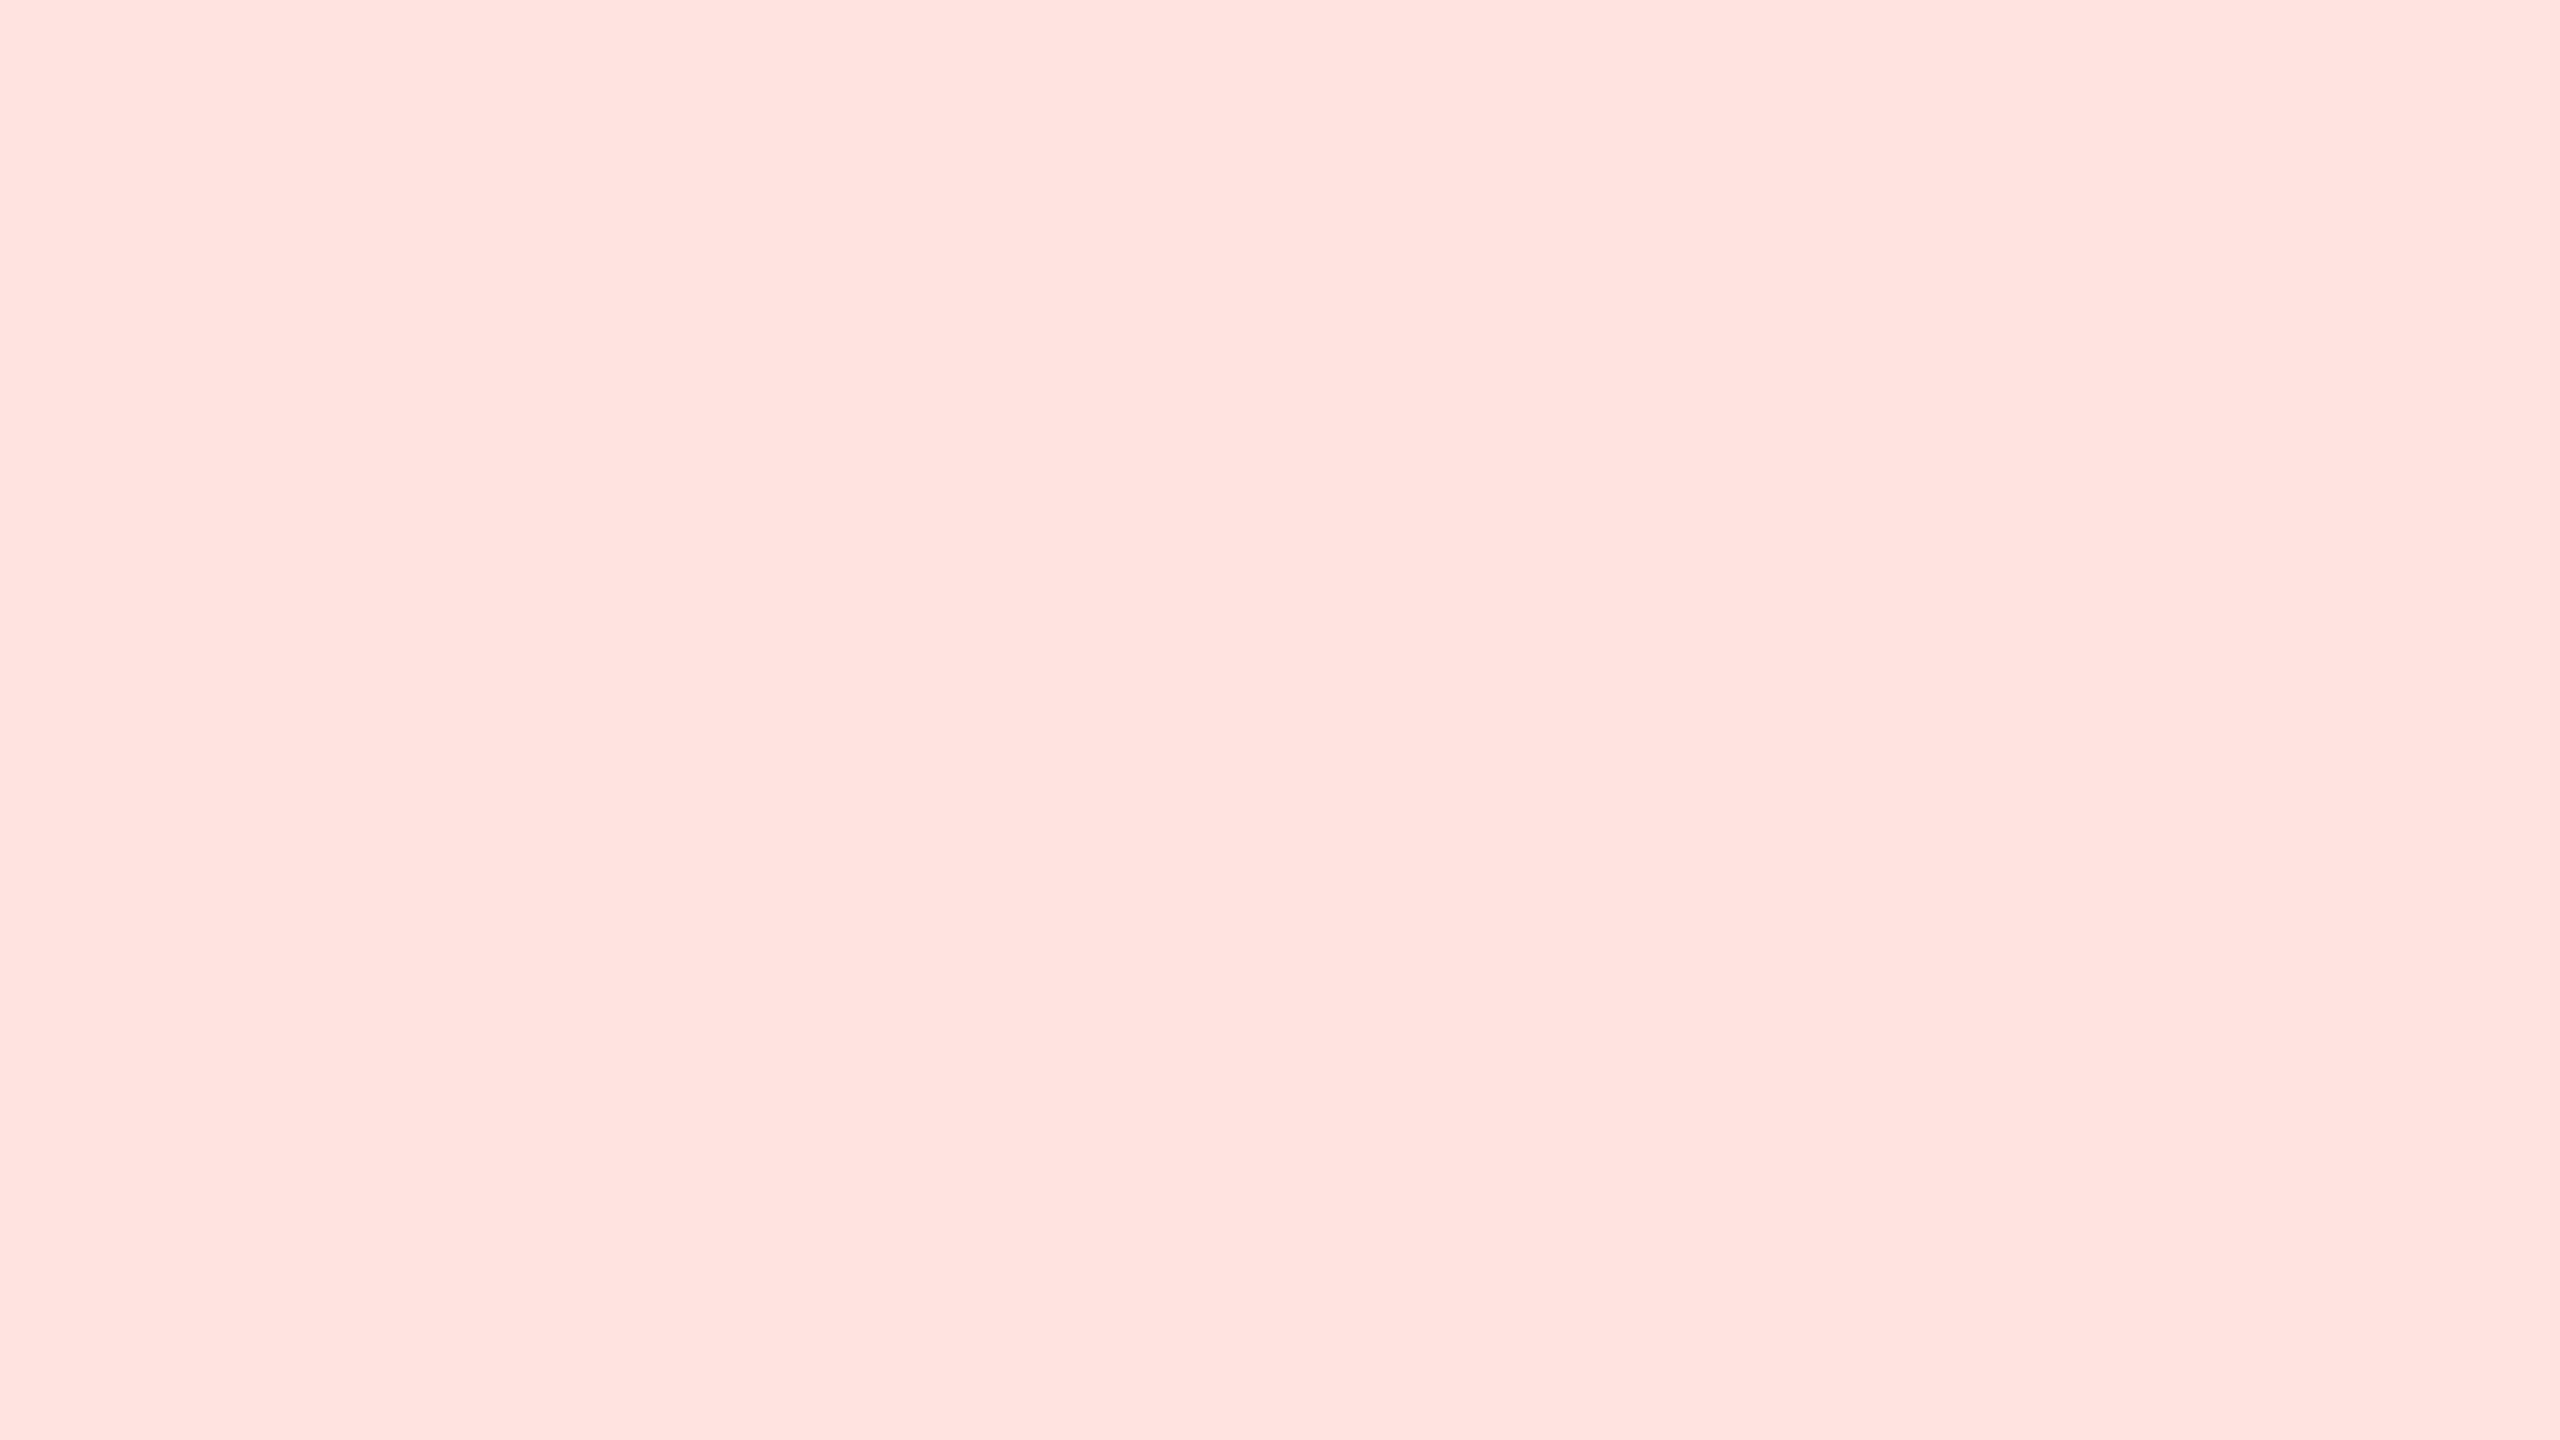 2560x1440 Misty Rose Solid Color Background